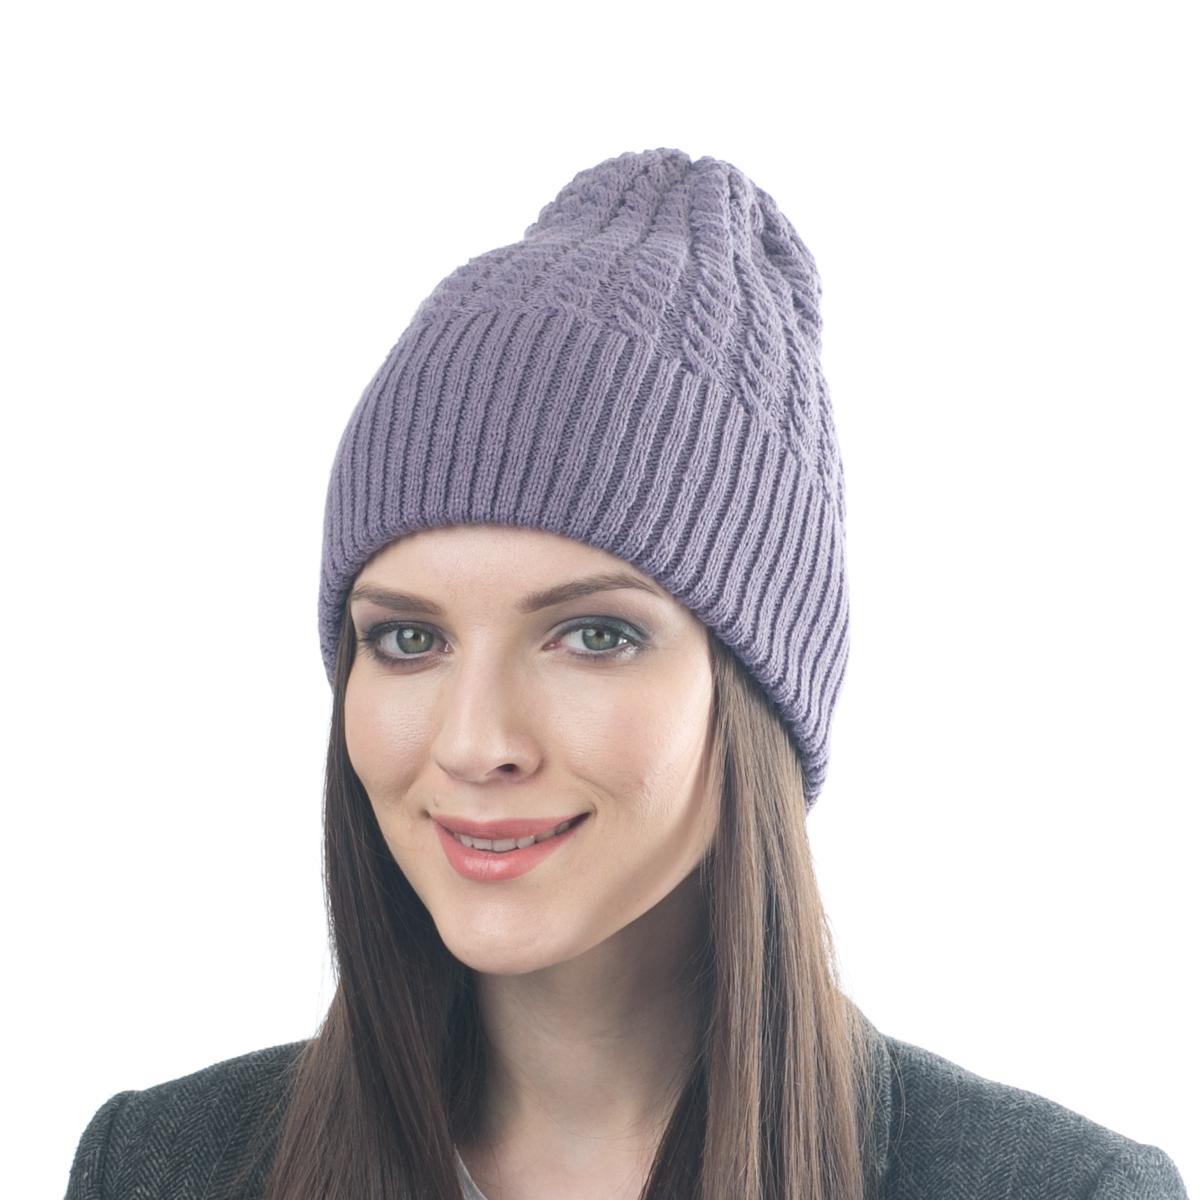 Шапка женская Flioraj, цвет: светло-фиолетовый. 07FJ. Размер 56/5807FJСтильная двусторонняя шапка Flioraj выполнена из шерсти с добавлением вискозы и полиамида. Модель имеет крупную плотную вязку и оформлена оригинальным вязаным рисунком. Уважаемые клиенты!Размер, доступный для заказа, является обхватом головы.